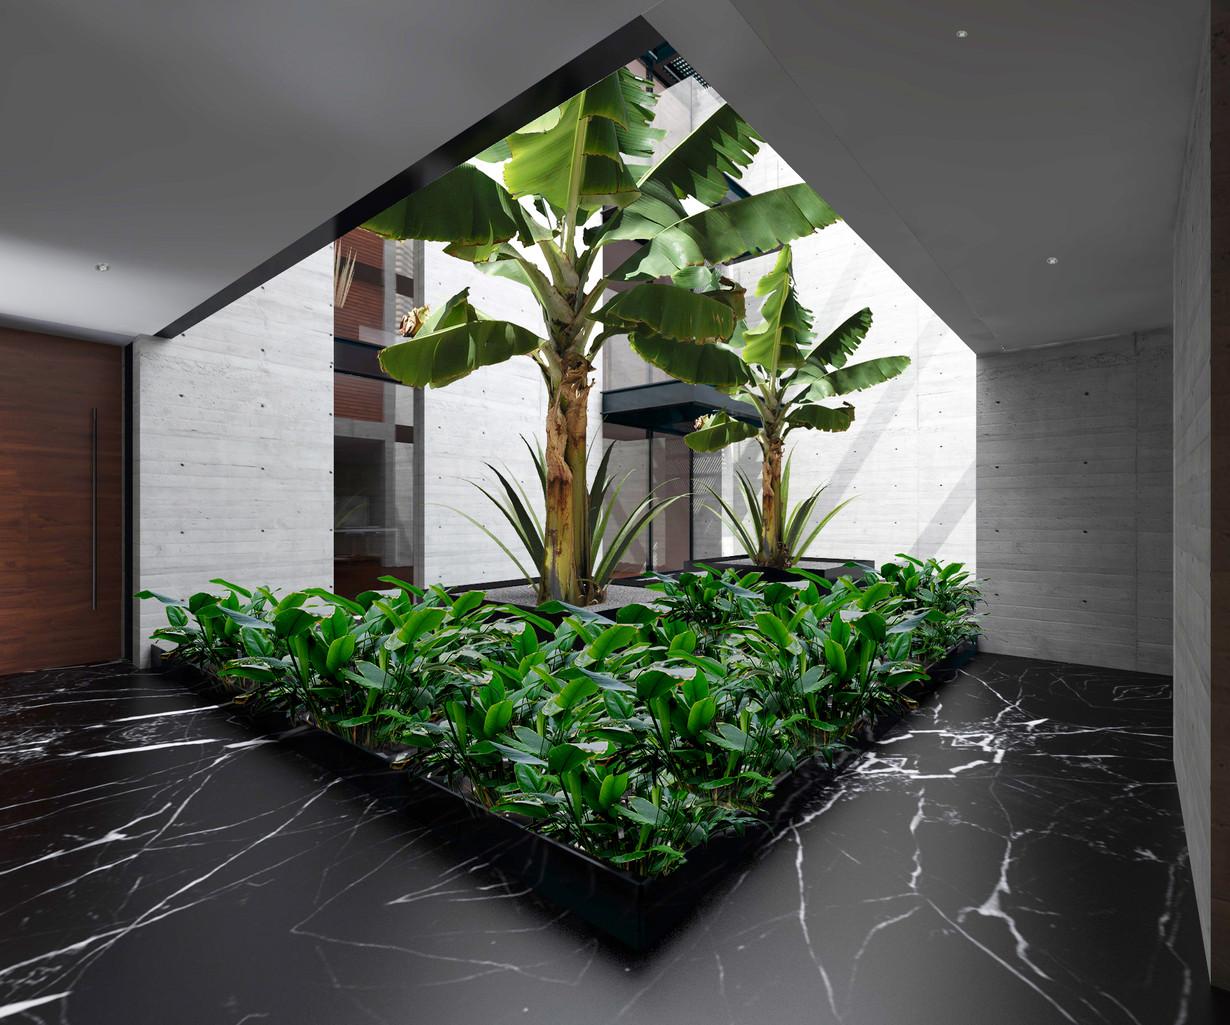 solon interior jardin central 2020.jpg